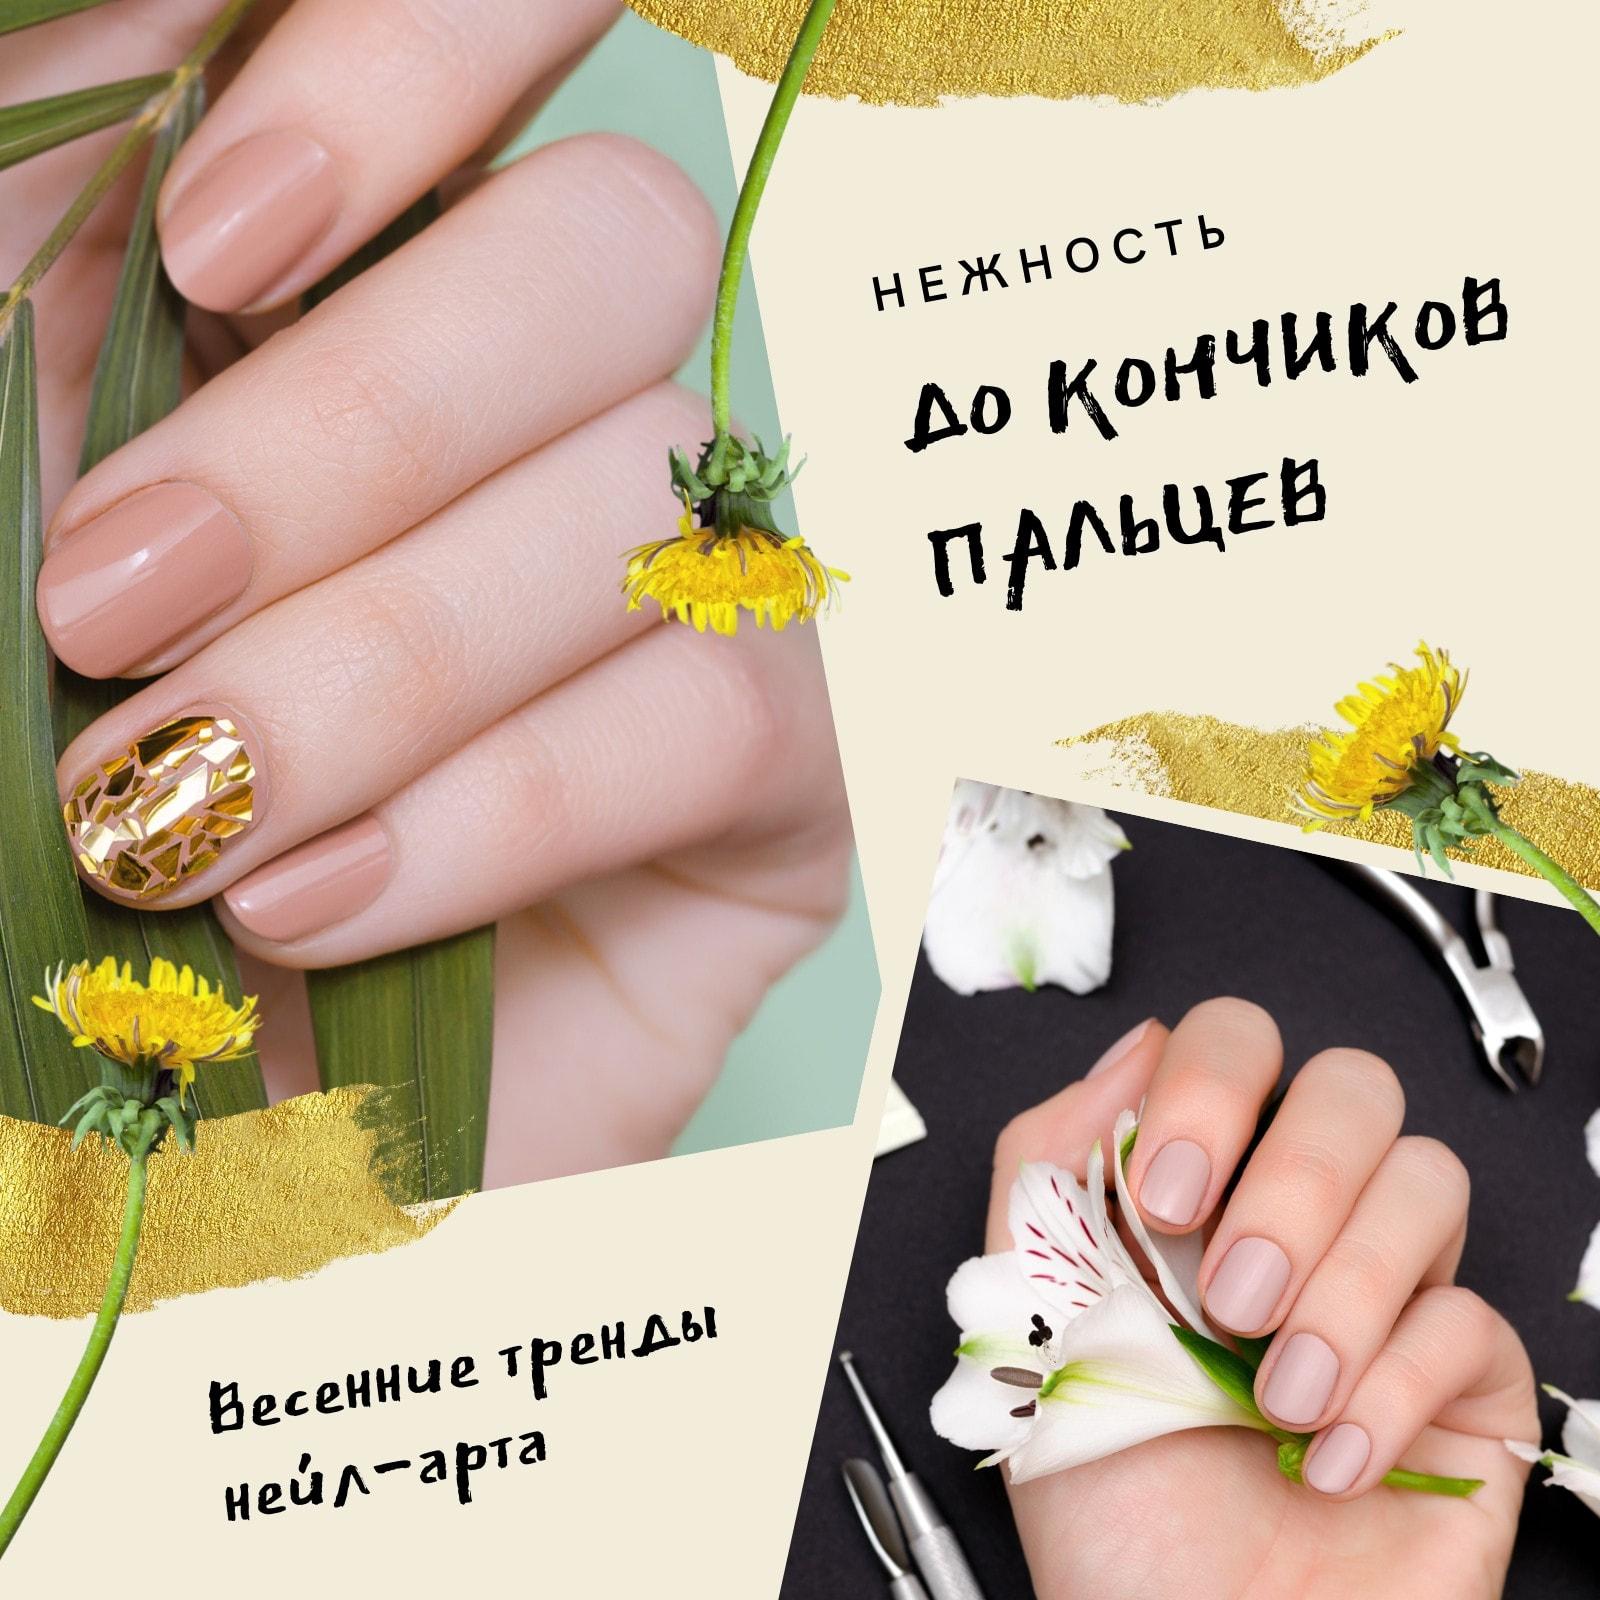 Желто-зеленая публикация в Instagram с фотографиями маникюра